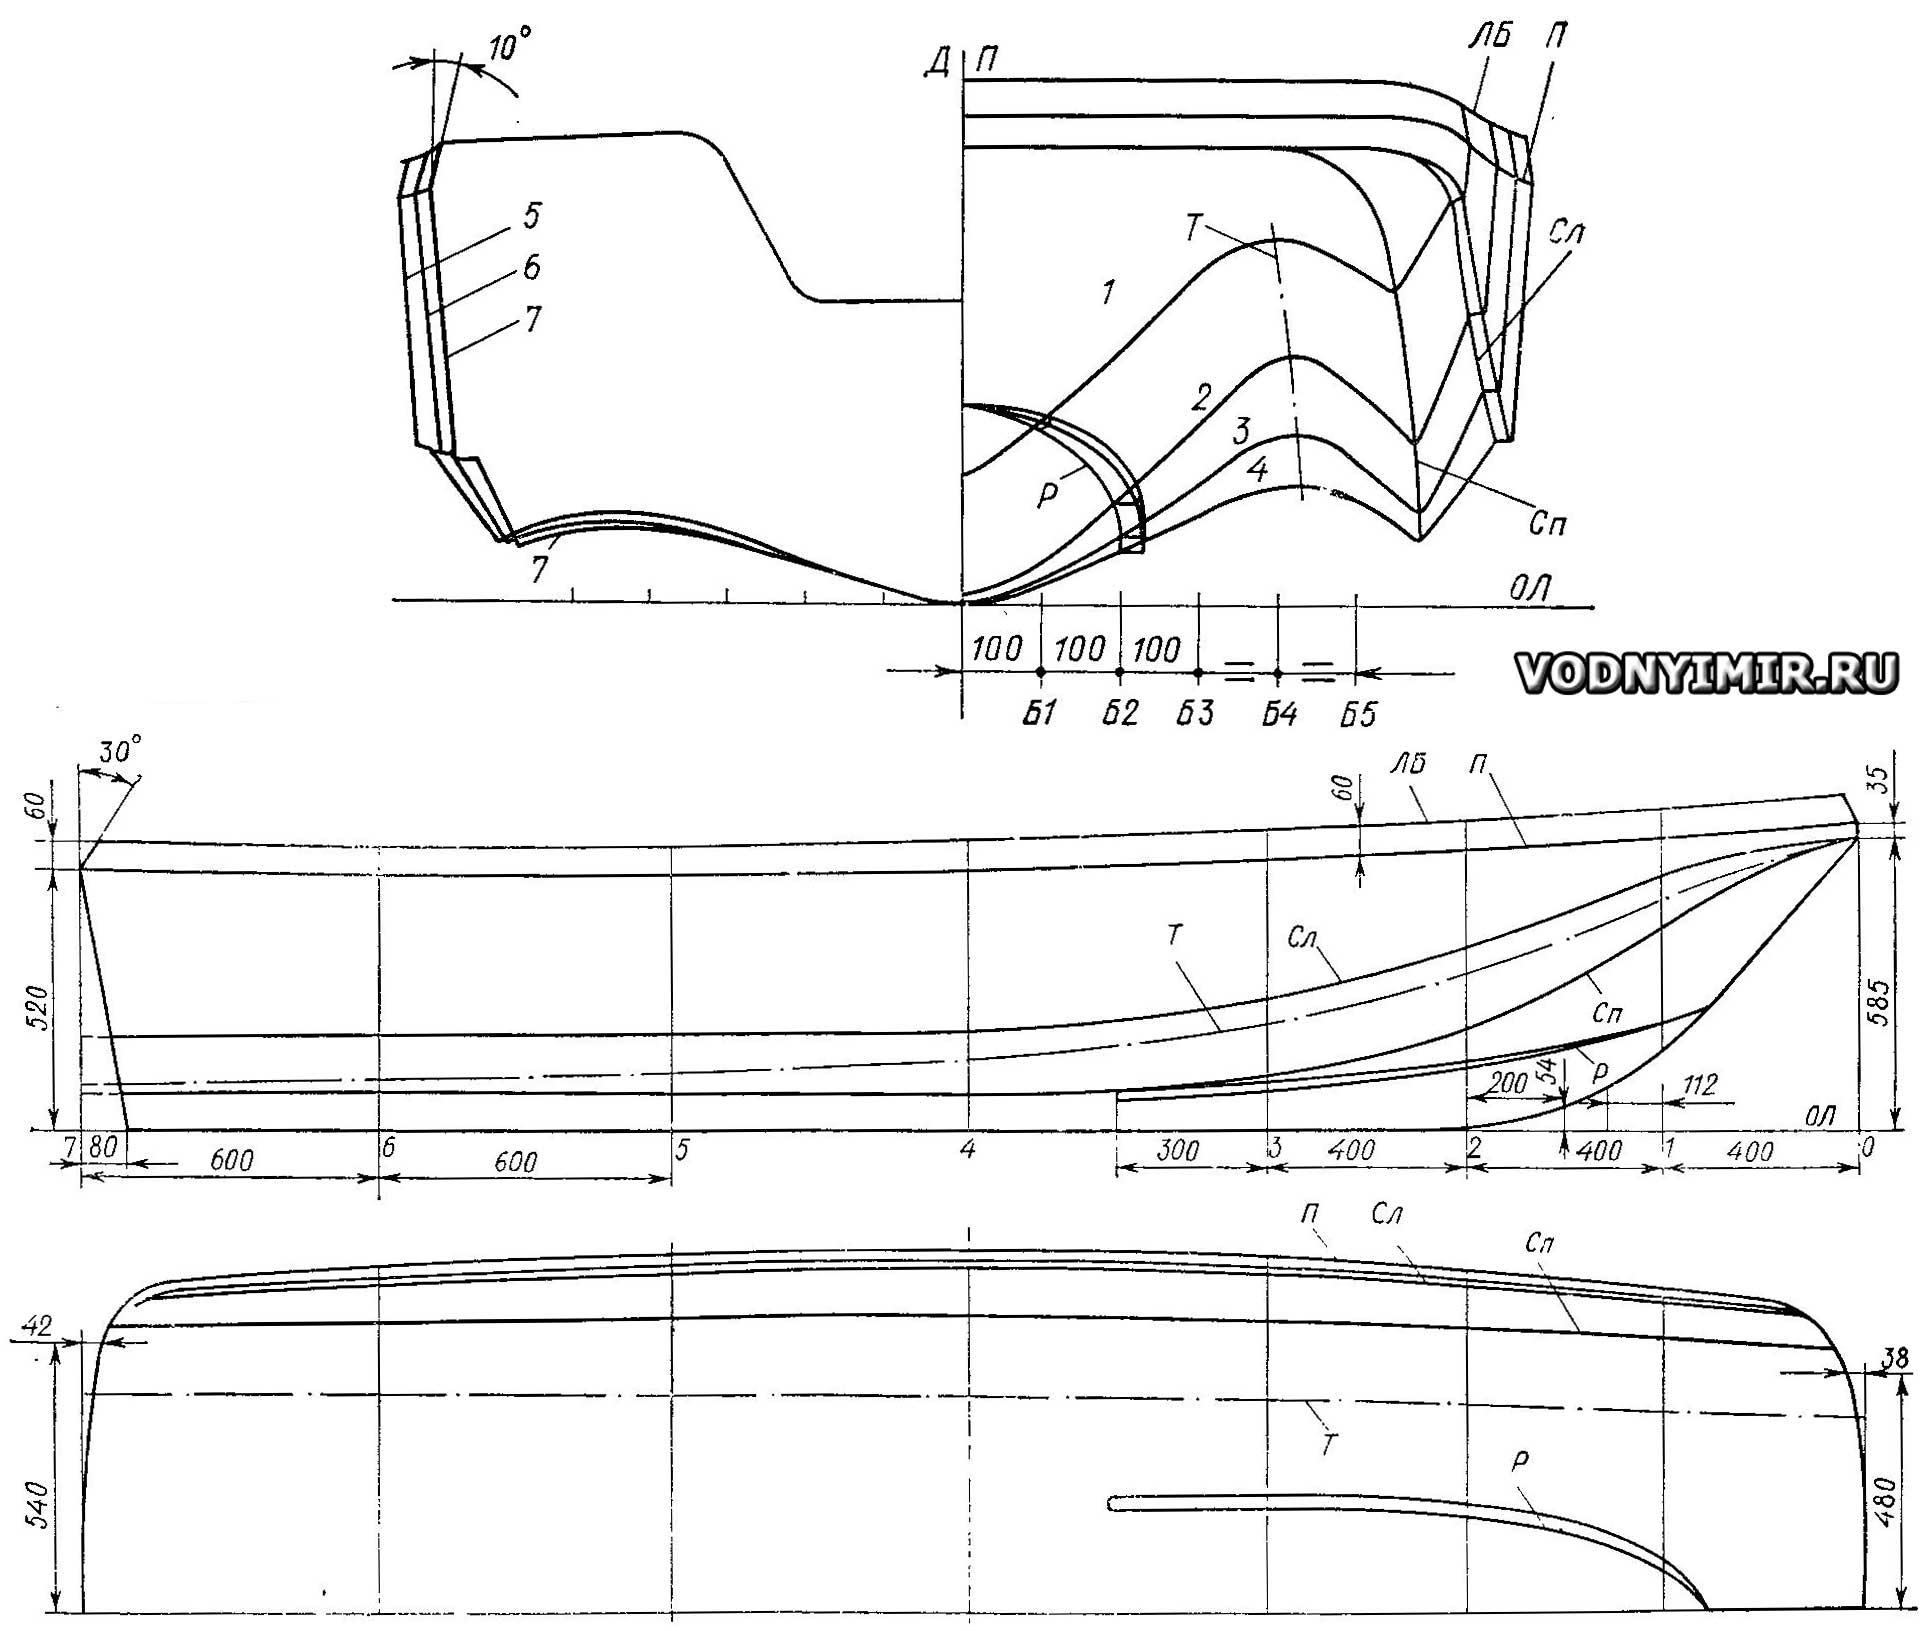 Как сделать гидроцикл своими руками чертежи фото из фанеры